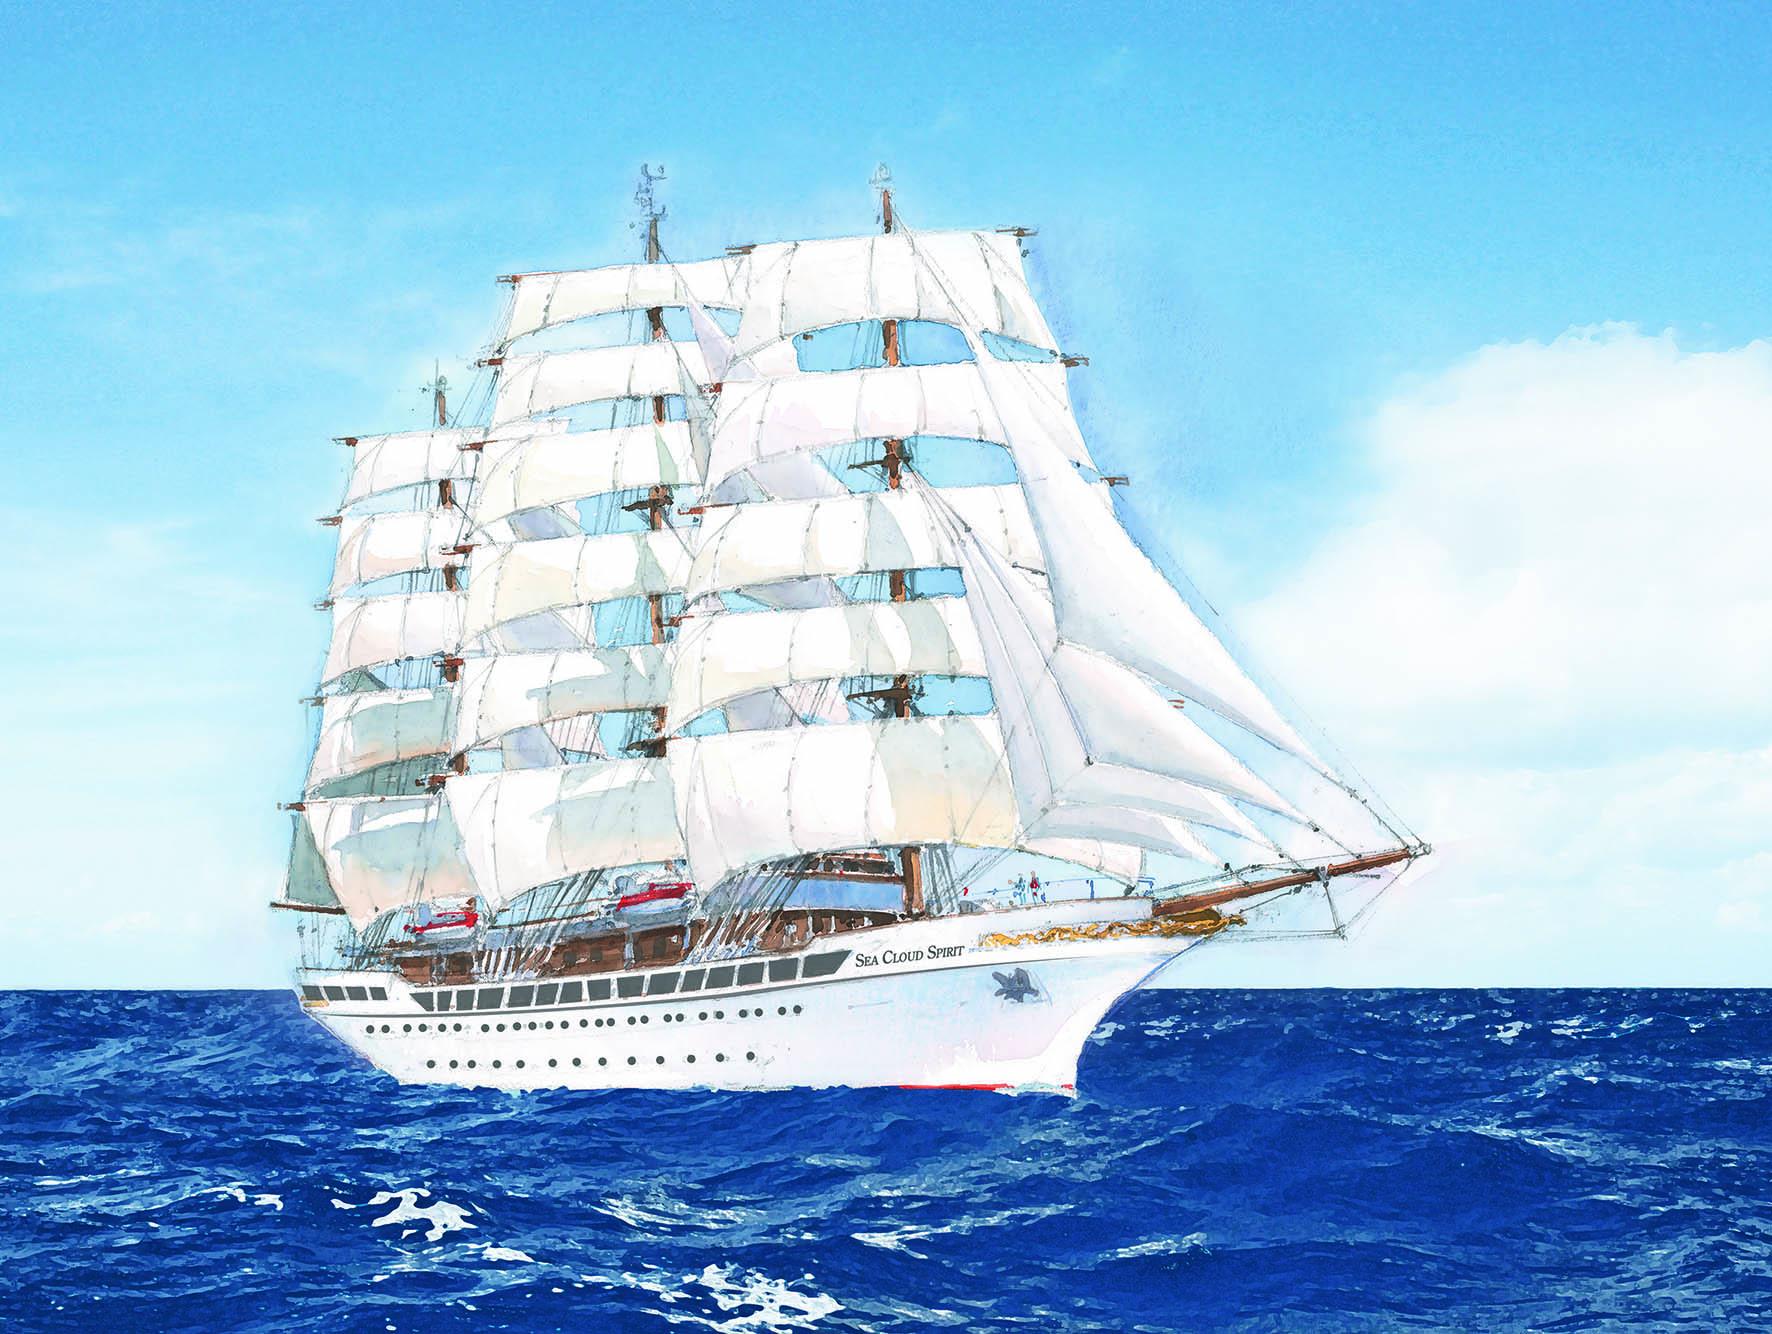 Die Sea Cloud Spirit der Reederei Sea Cloud Cruises wird am 22. April 2021 erstmals von Palma de Mallorca aus in See stechen.